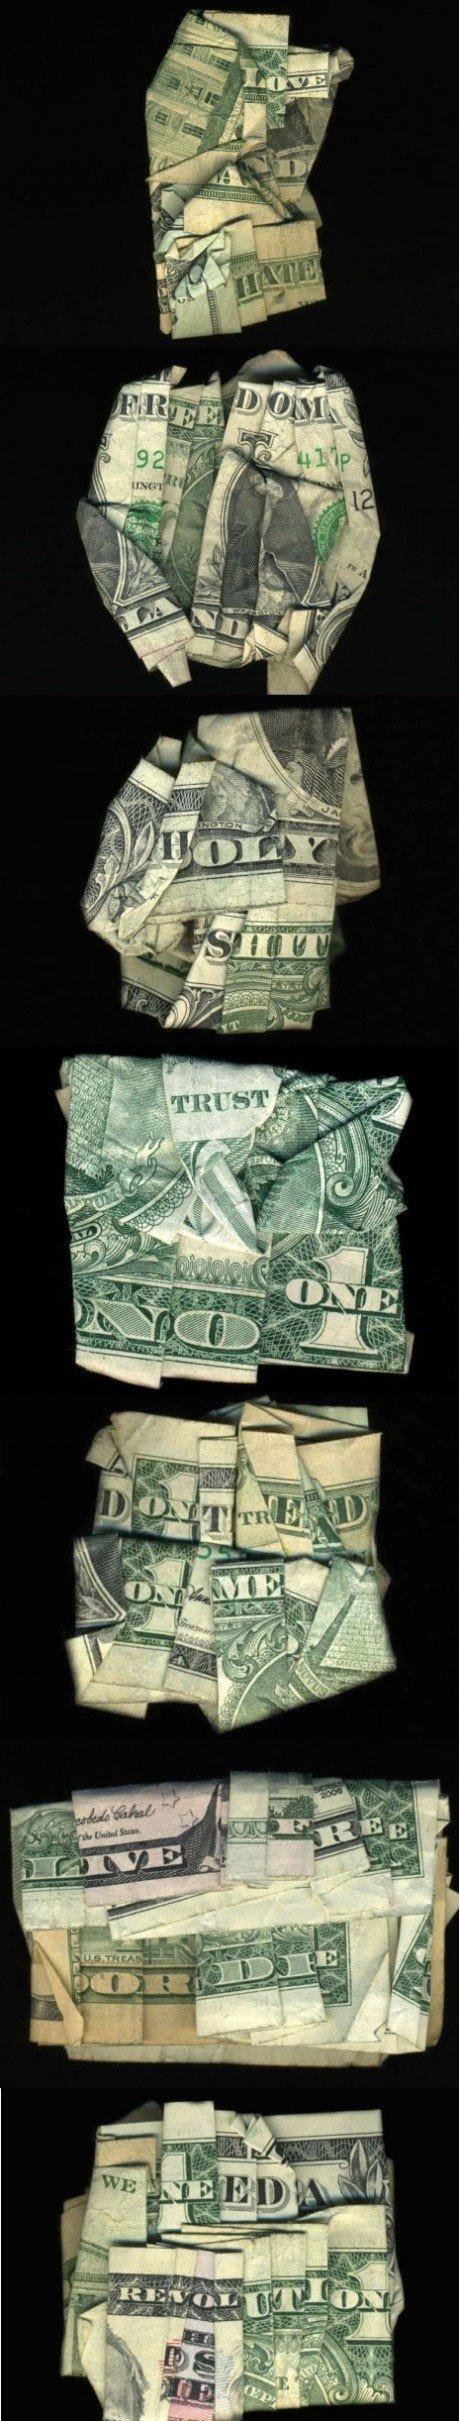 Money Talks. . Money Talks